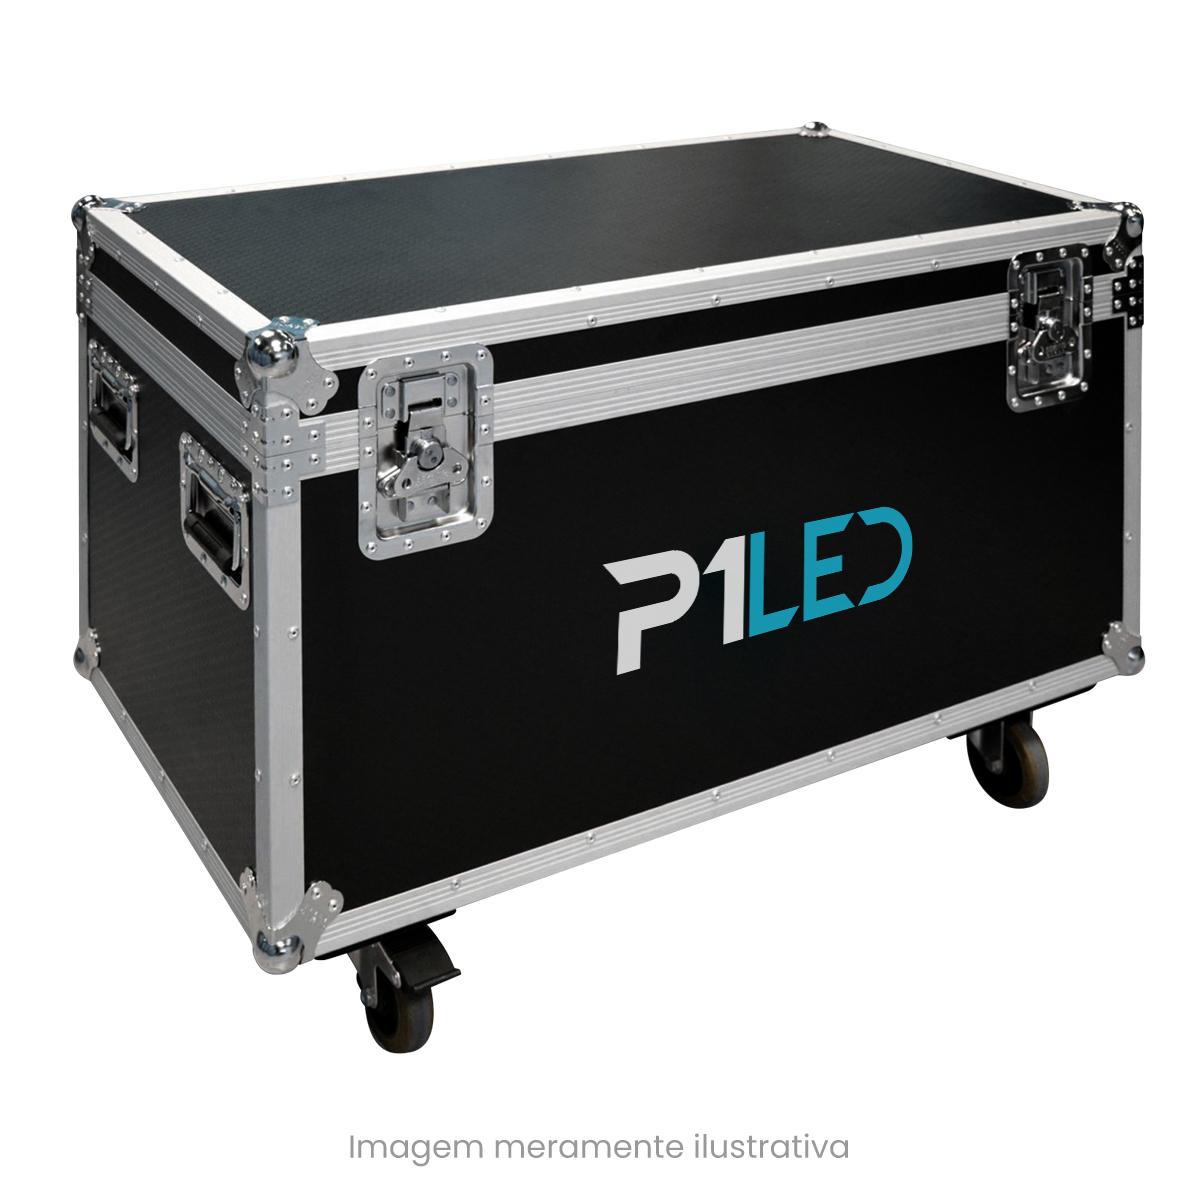 Painel de LED para Concessionária 2x2 - Telão P3 Indoor  - Painel e Telão de LED - O Melhor Preço em Painel de LED | P1LED